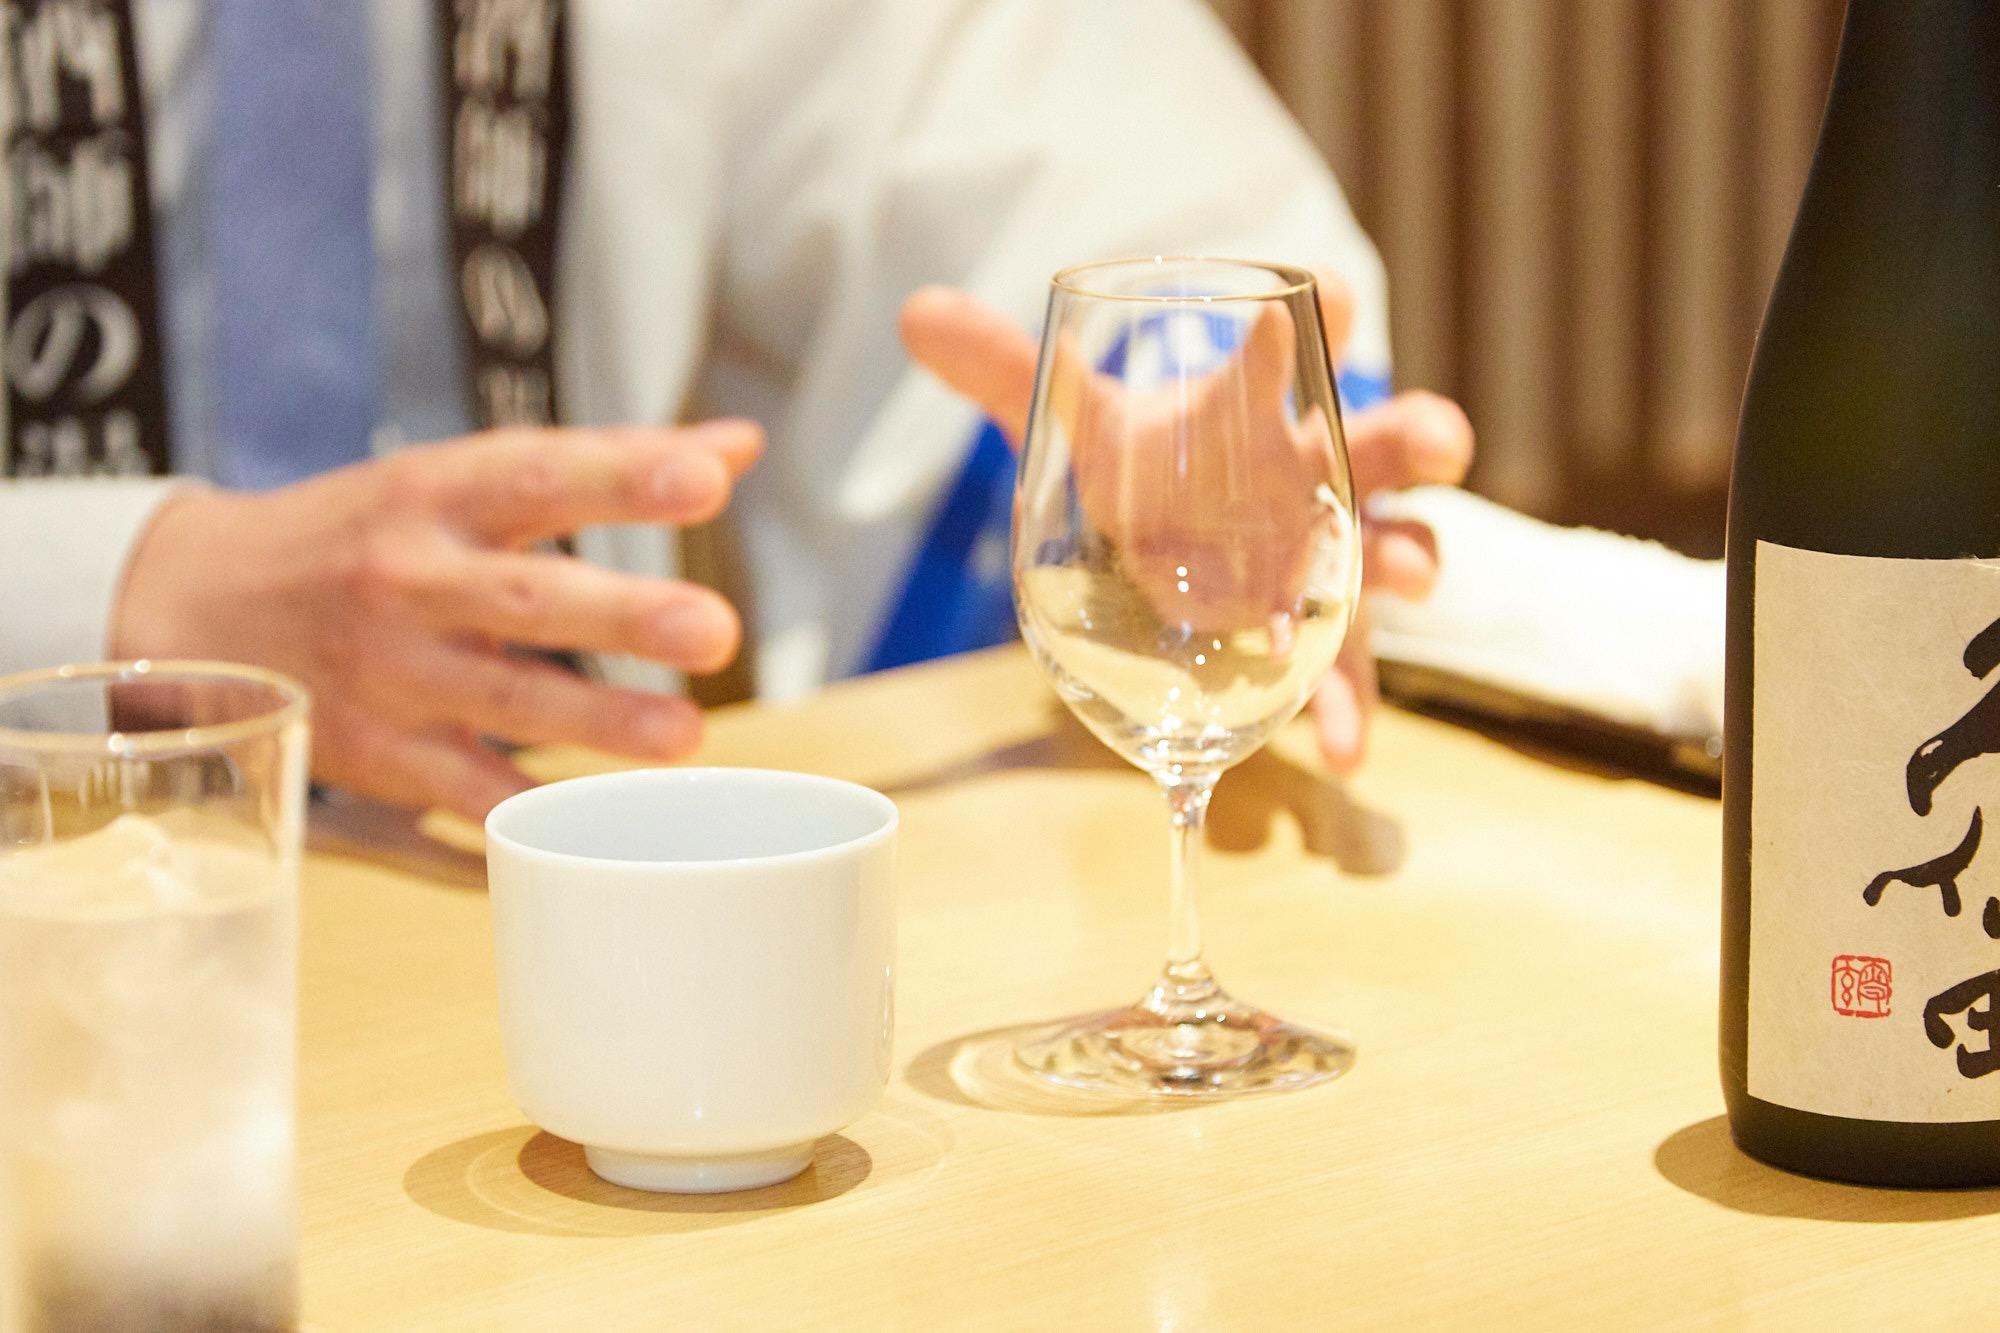 """漫才師""""にほんしゅ""""が教える「きき酒」の方法!ただ飲むだけじゃない魅力って?"""